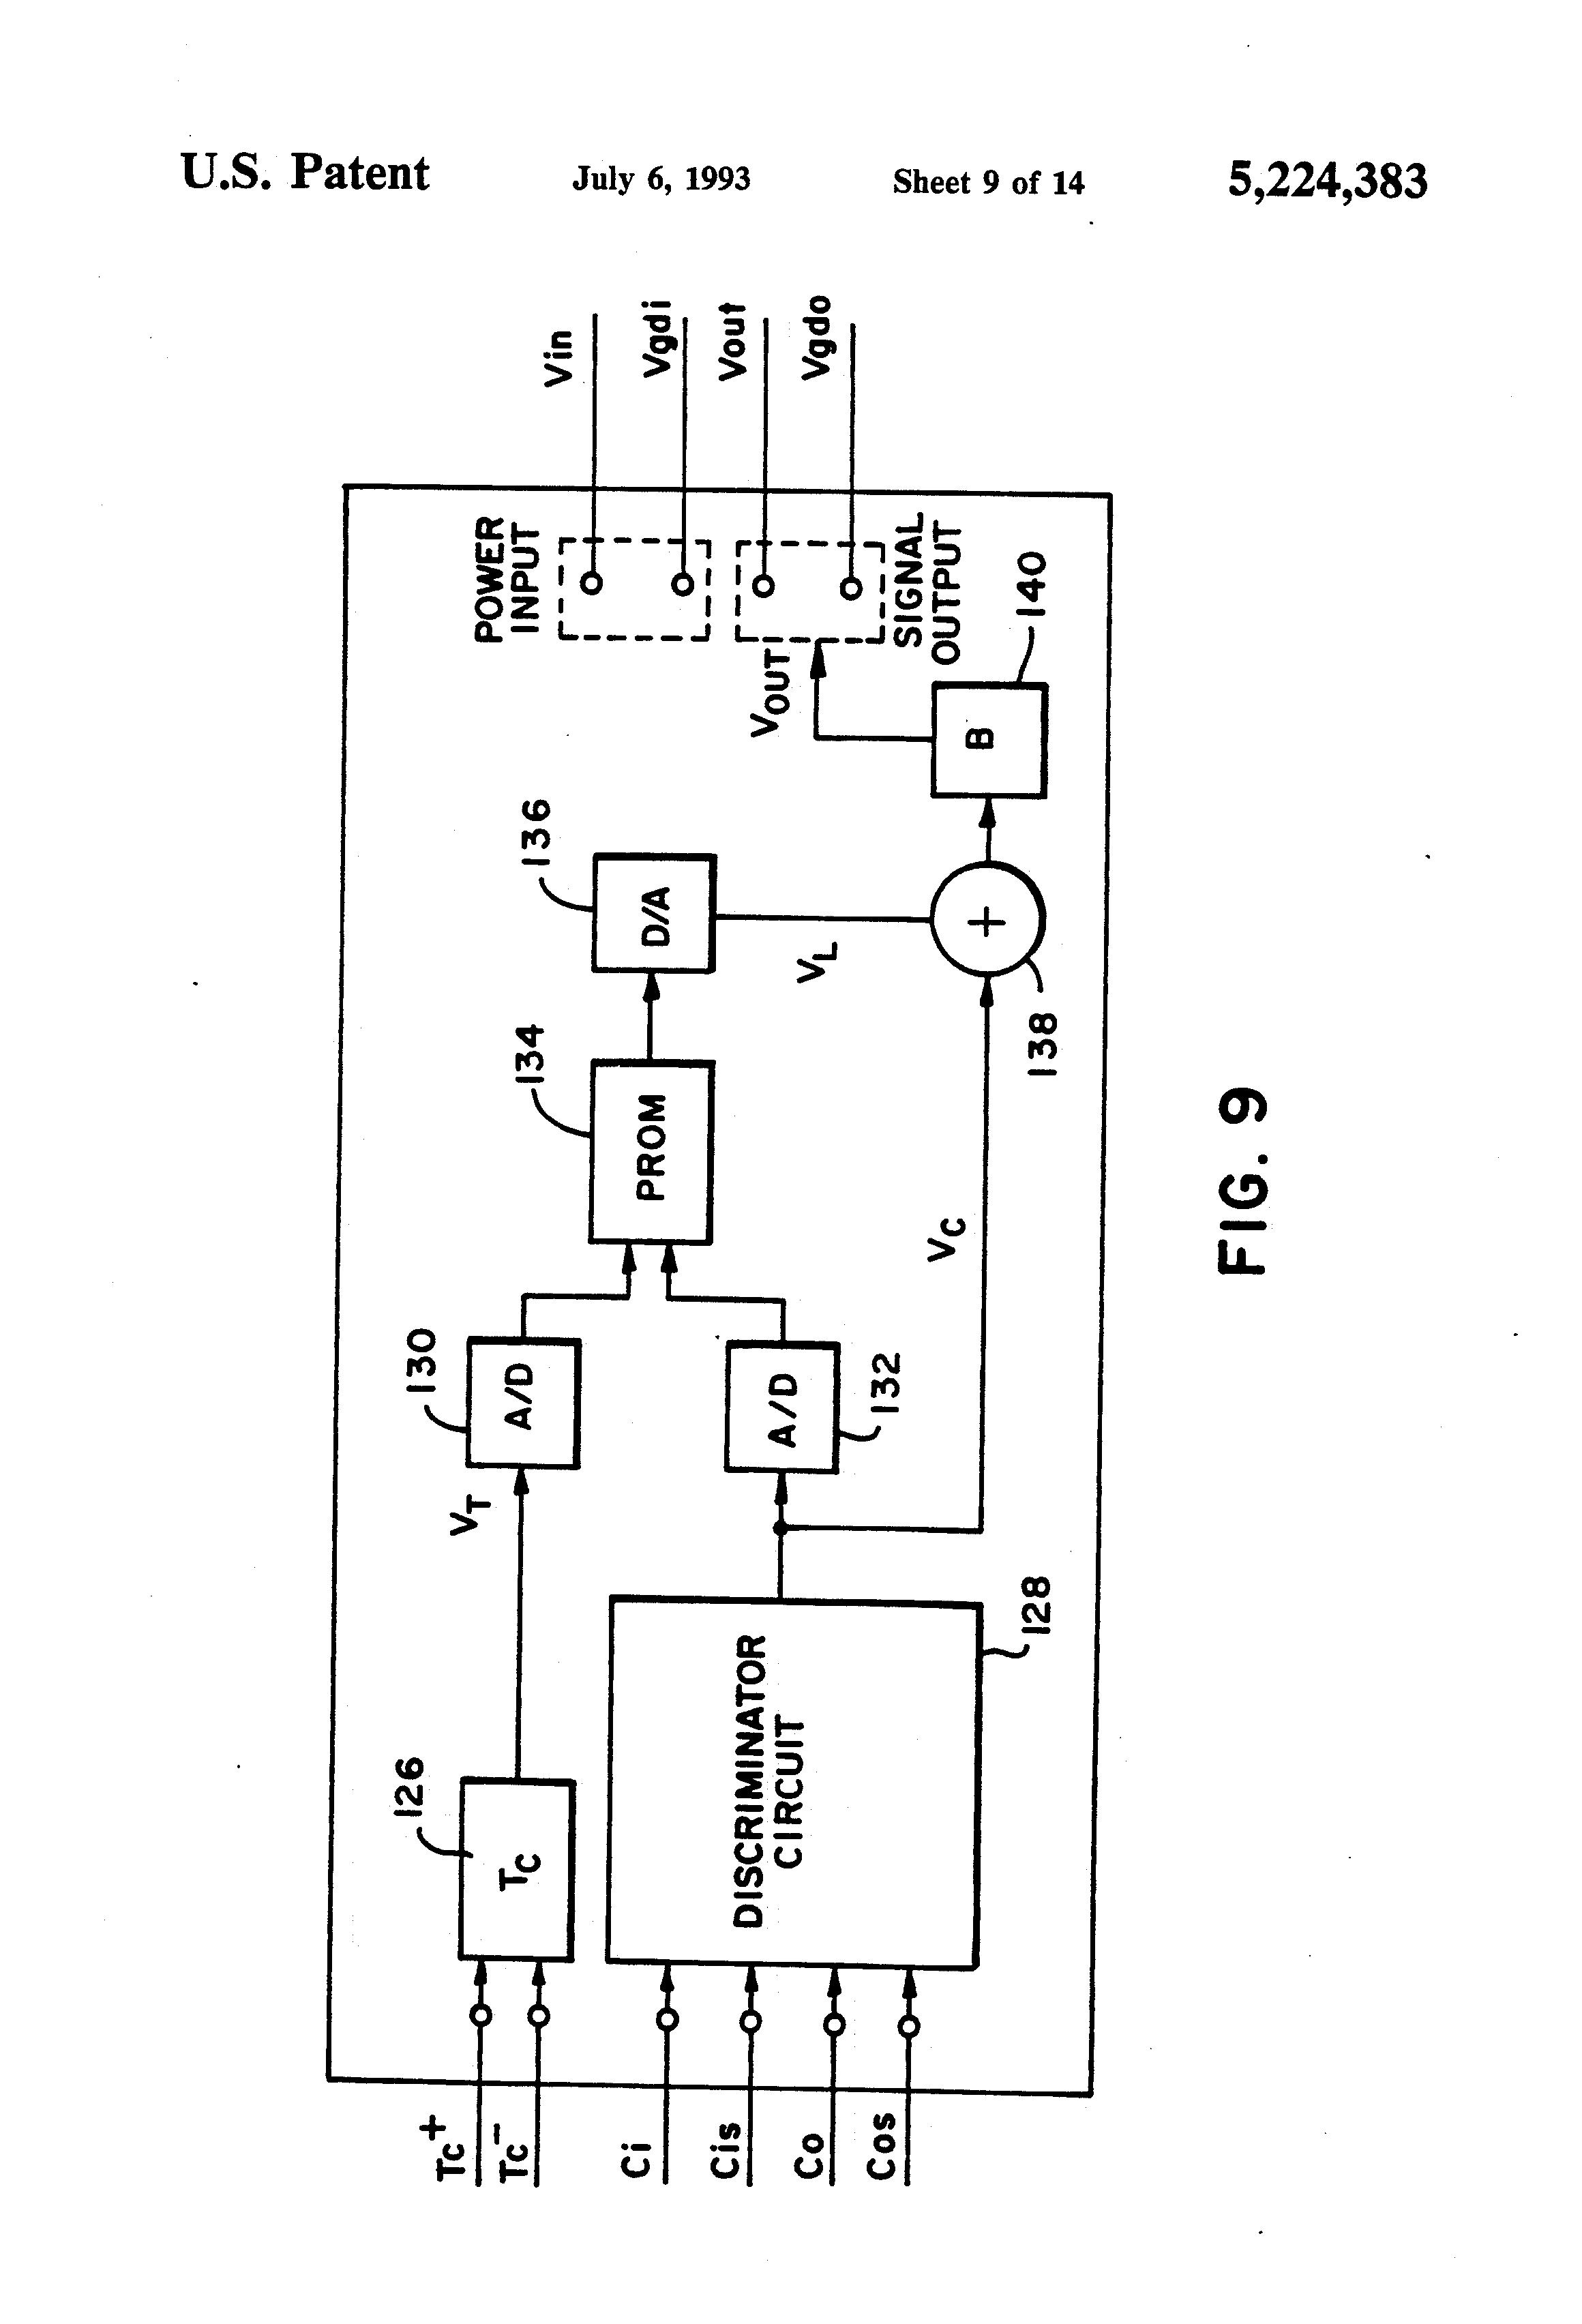 Turck Pressure Transducer Wiring Diagram 1989 Ford F 150 Sensor Pnp Dynisco Efcaviation Com Control Box